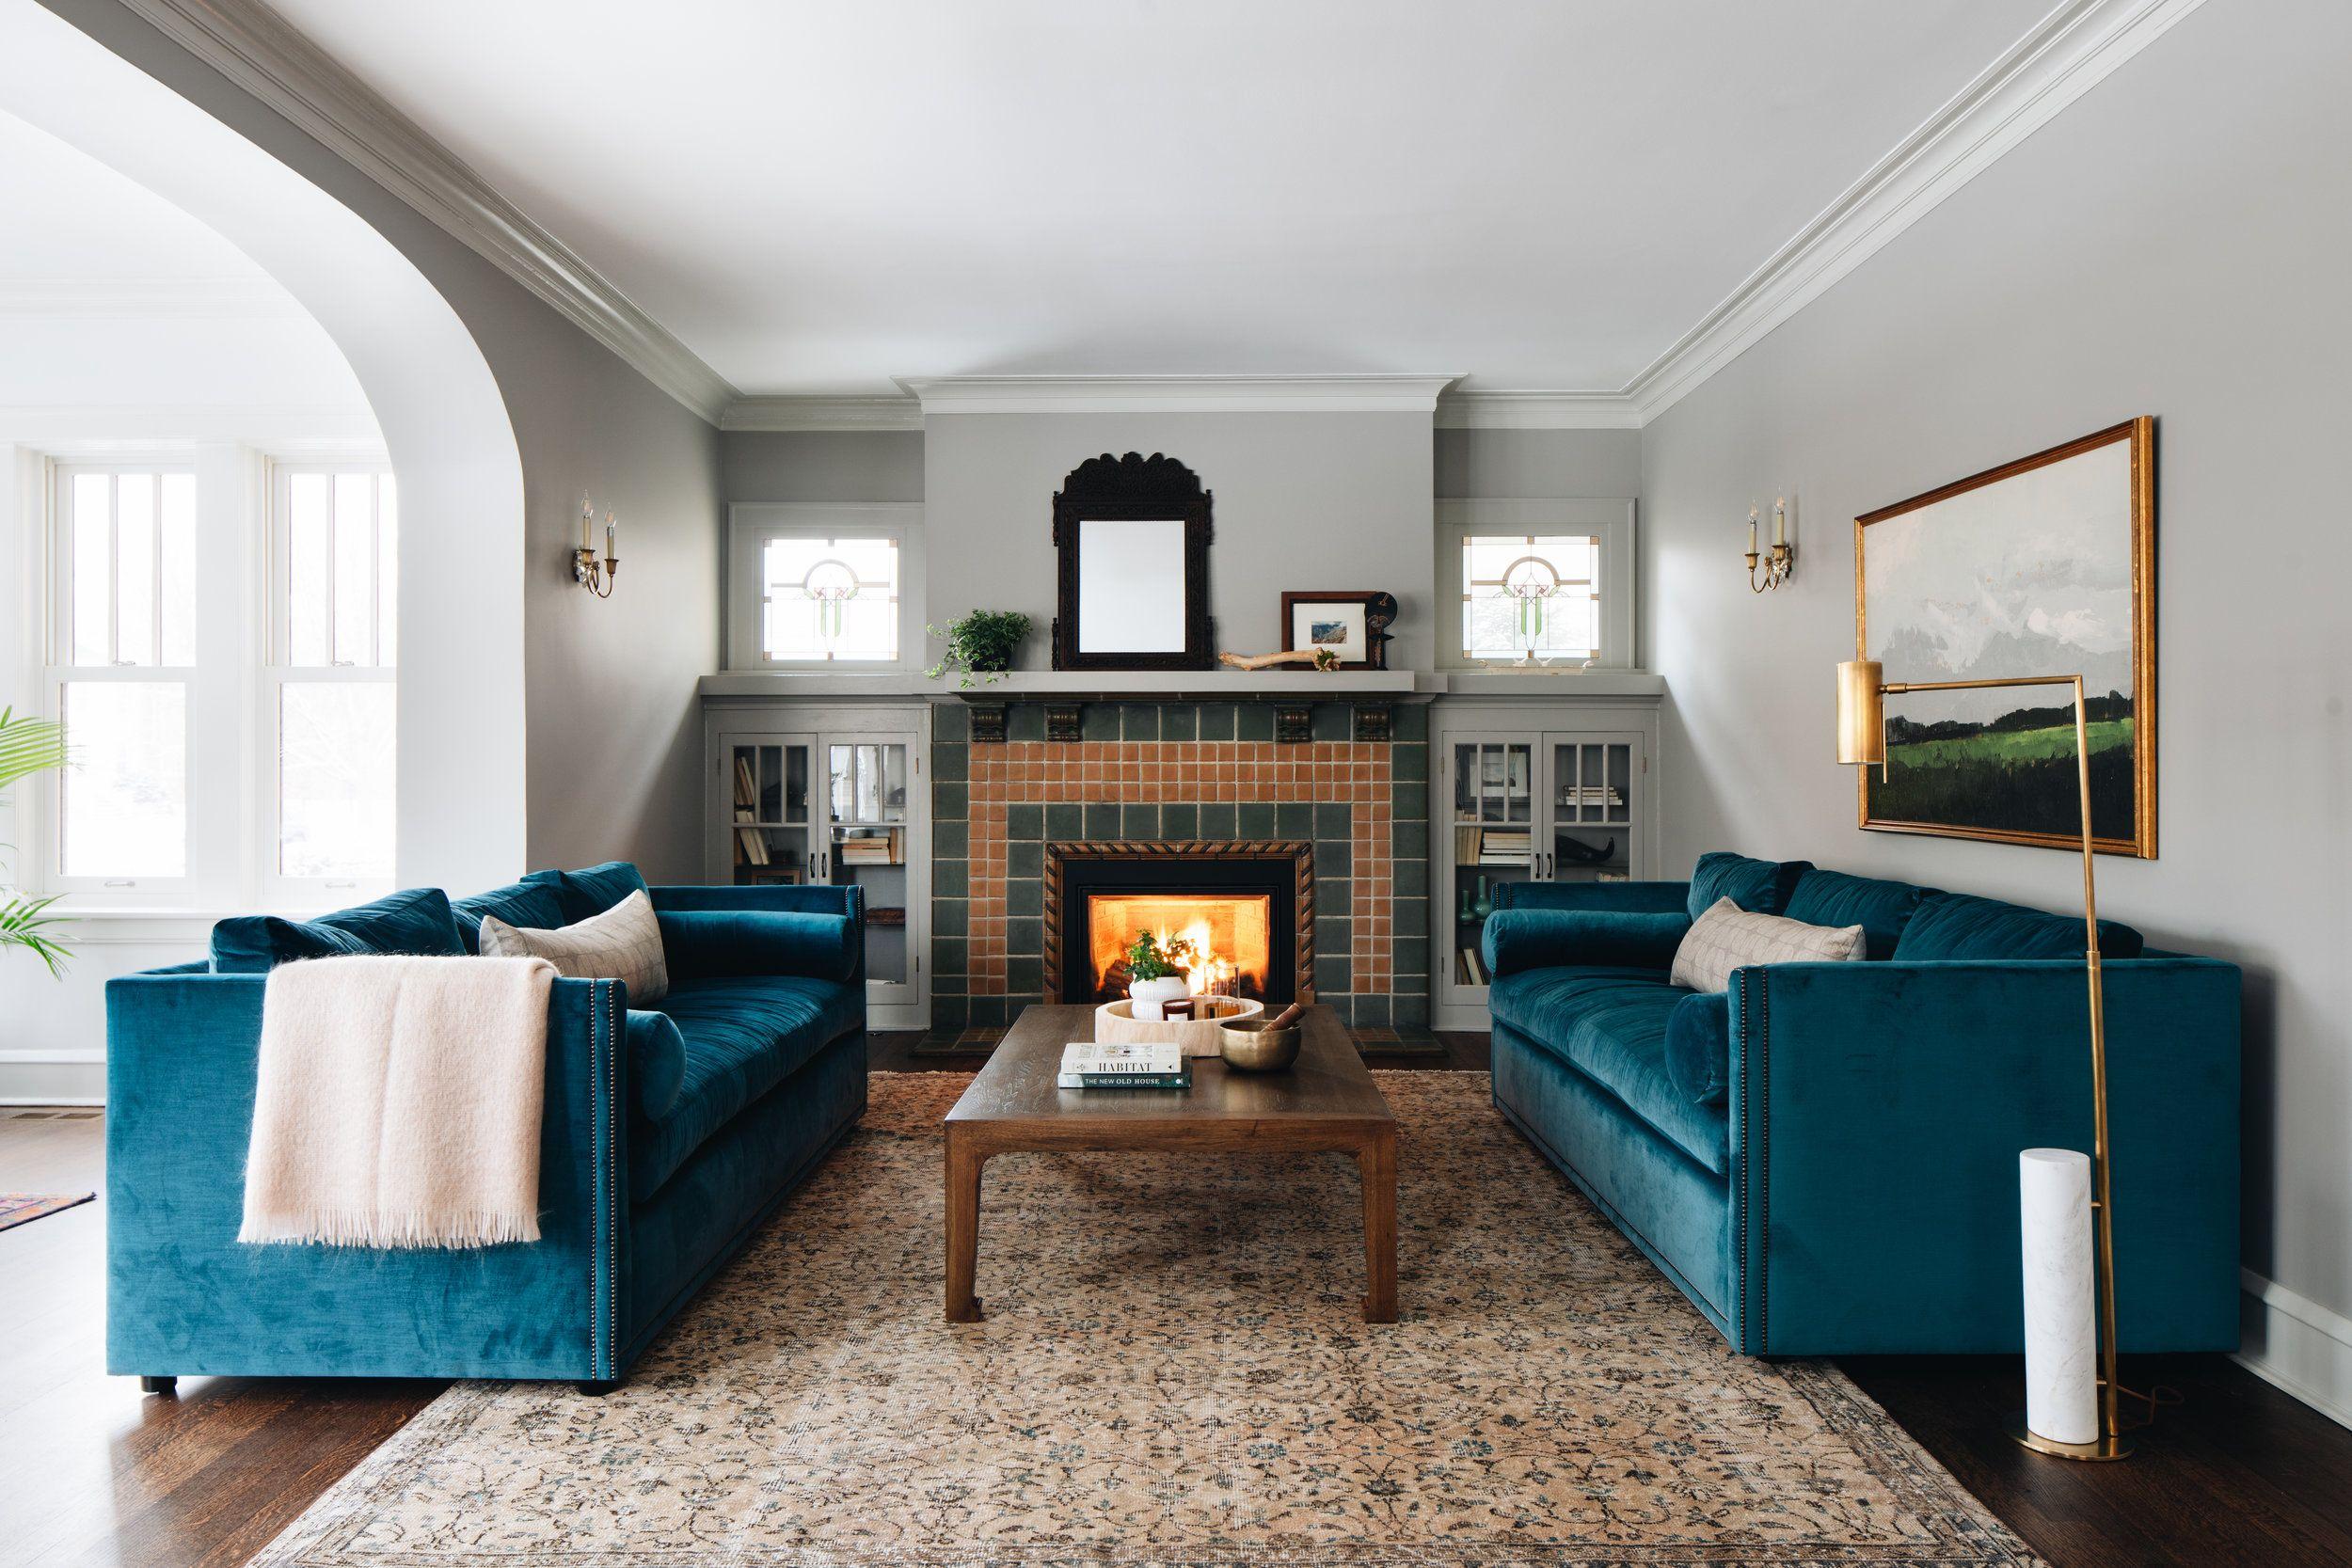 Jsd Feb 2019 046 Jpg Basement Living Rooms Living Room Furniture Layout Family Room Design